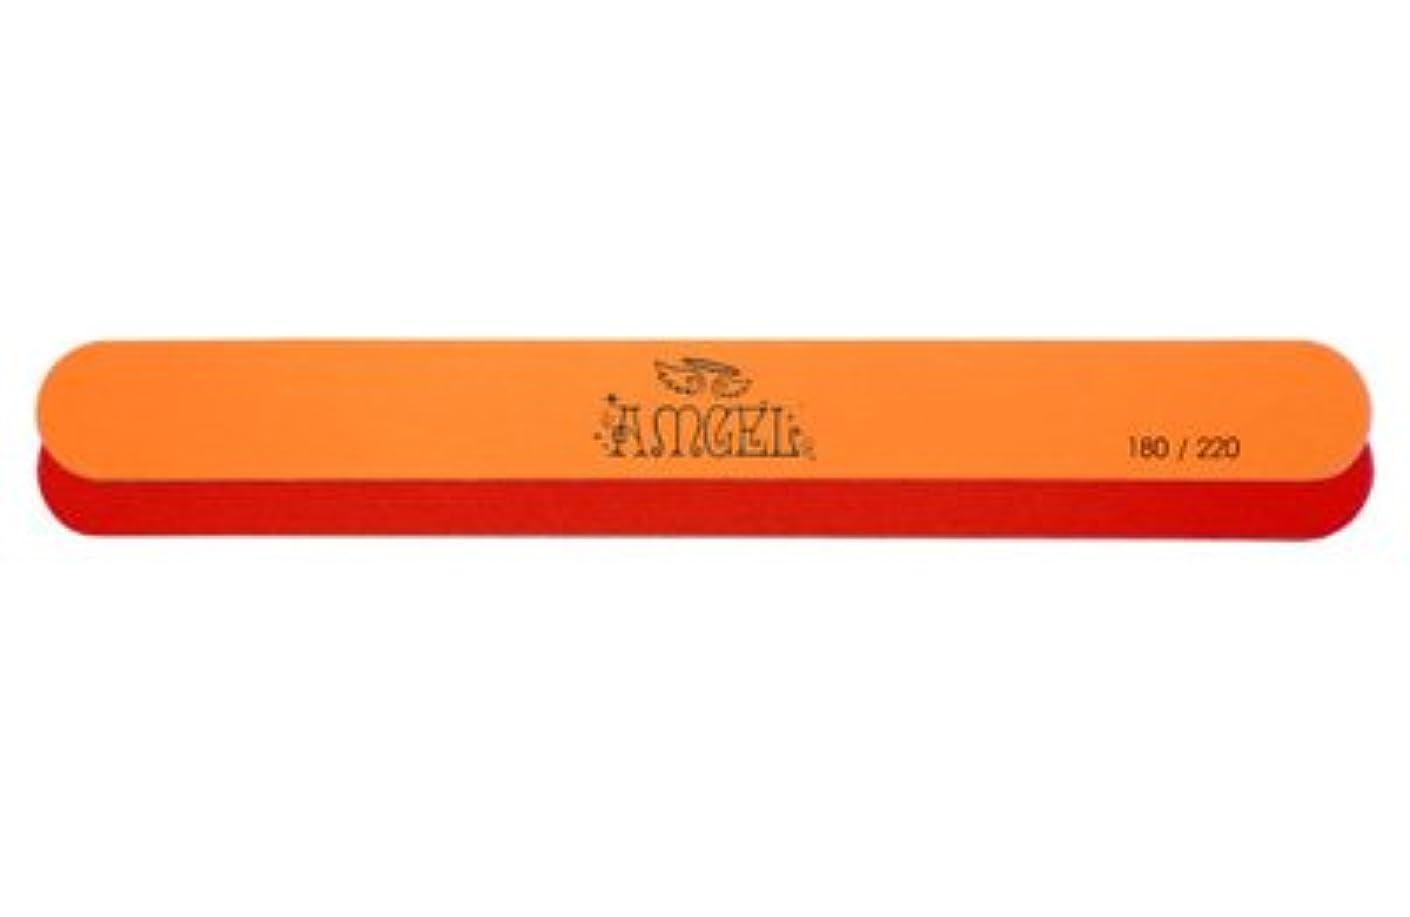 嵐前書き異なる★AMGEL(アンジェル) <BR>レッドオレンジエメリー 180/220